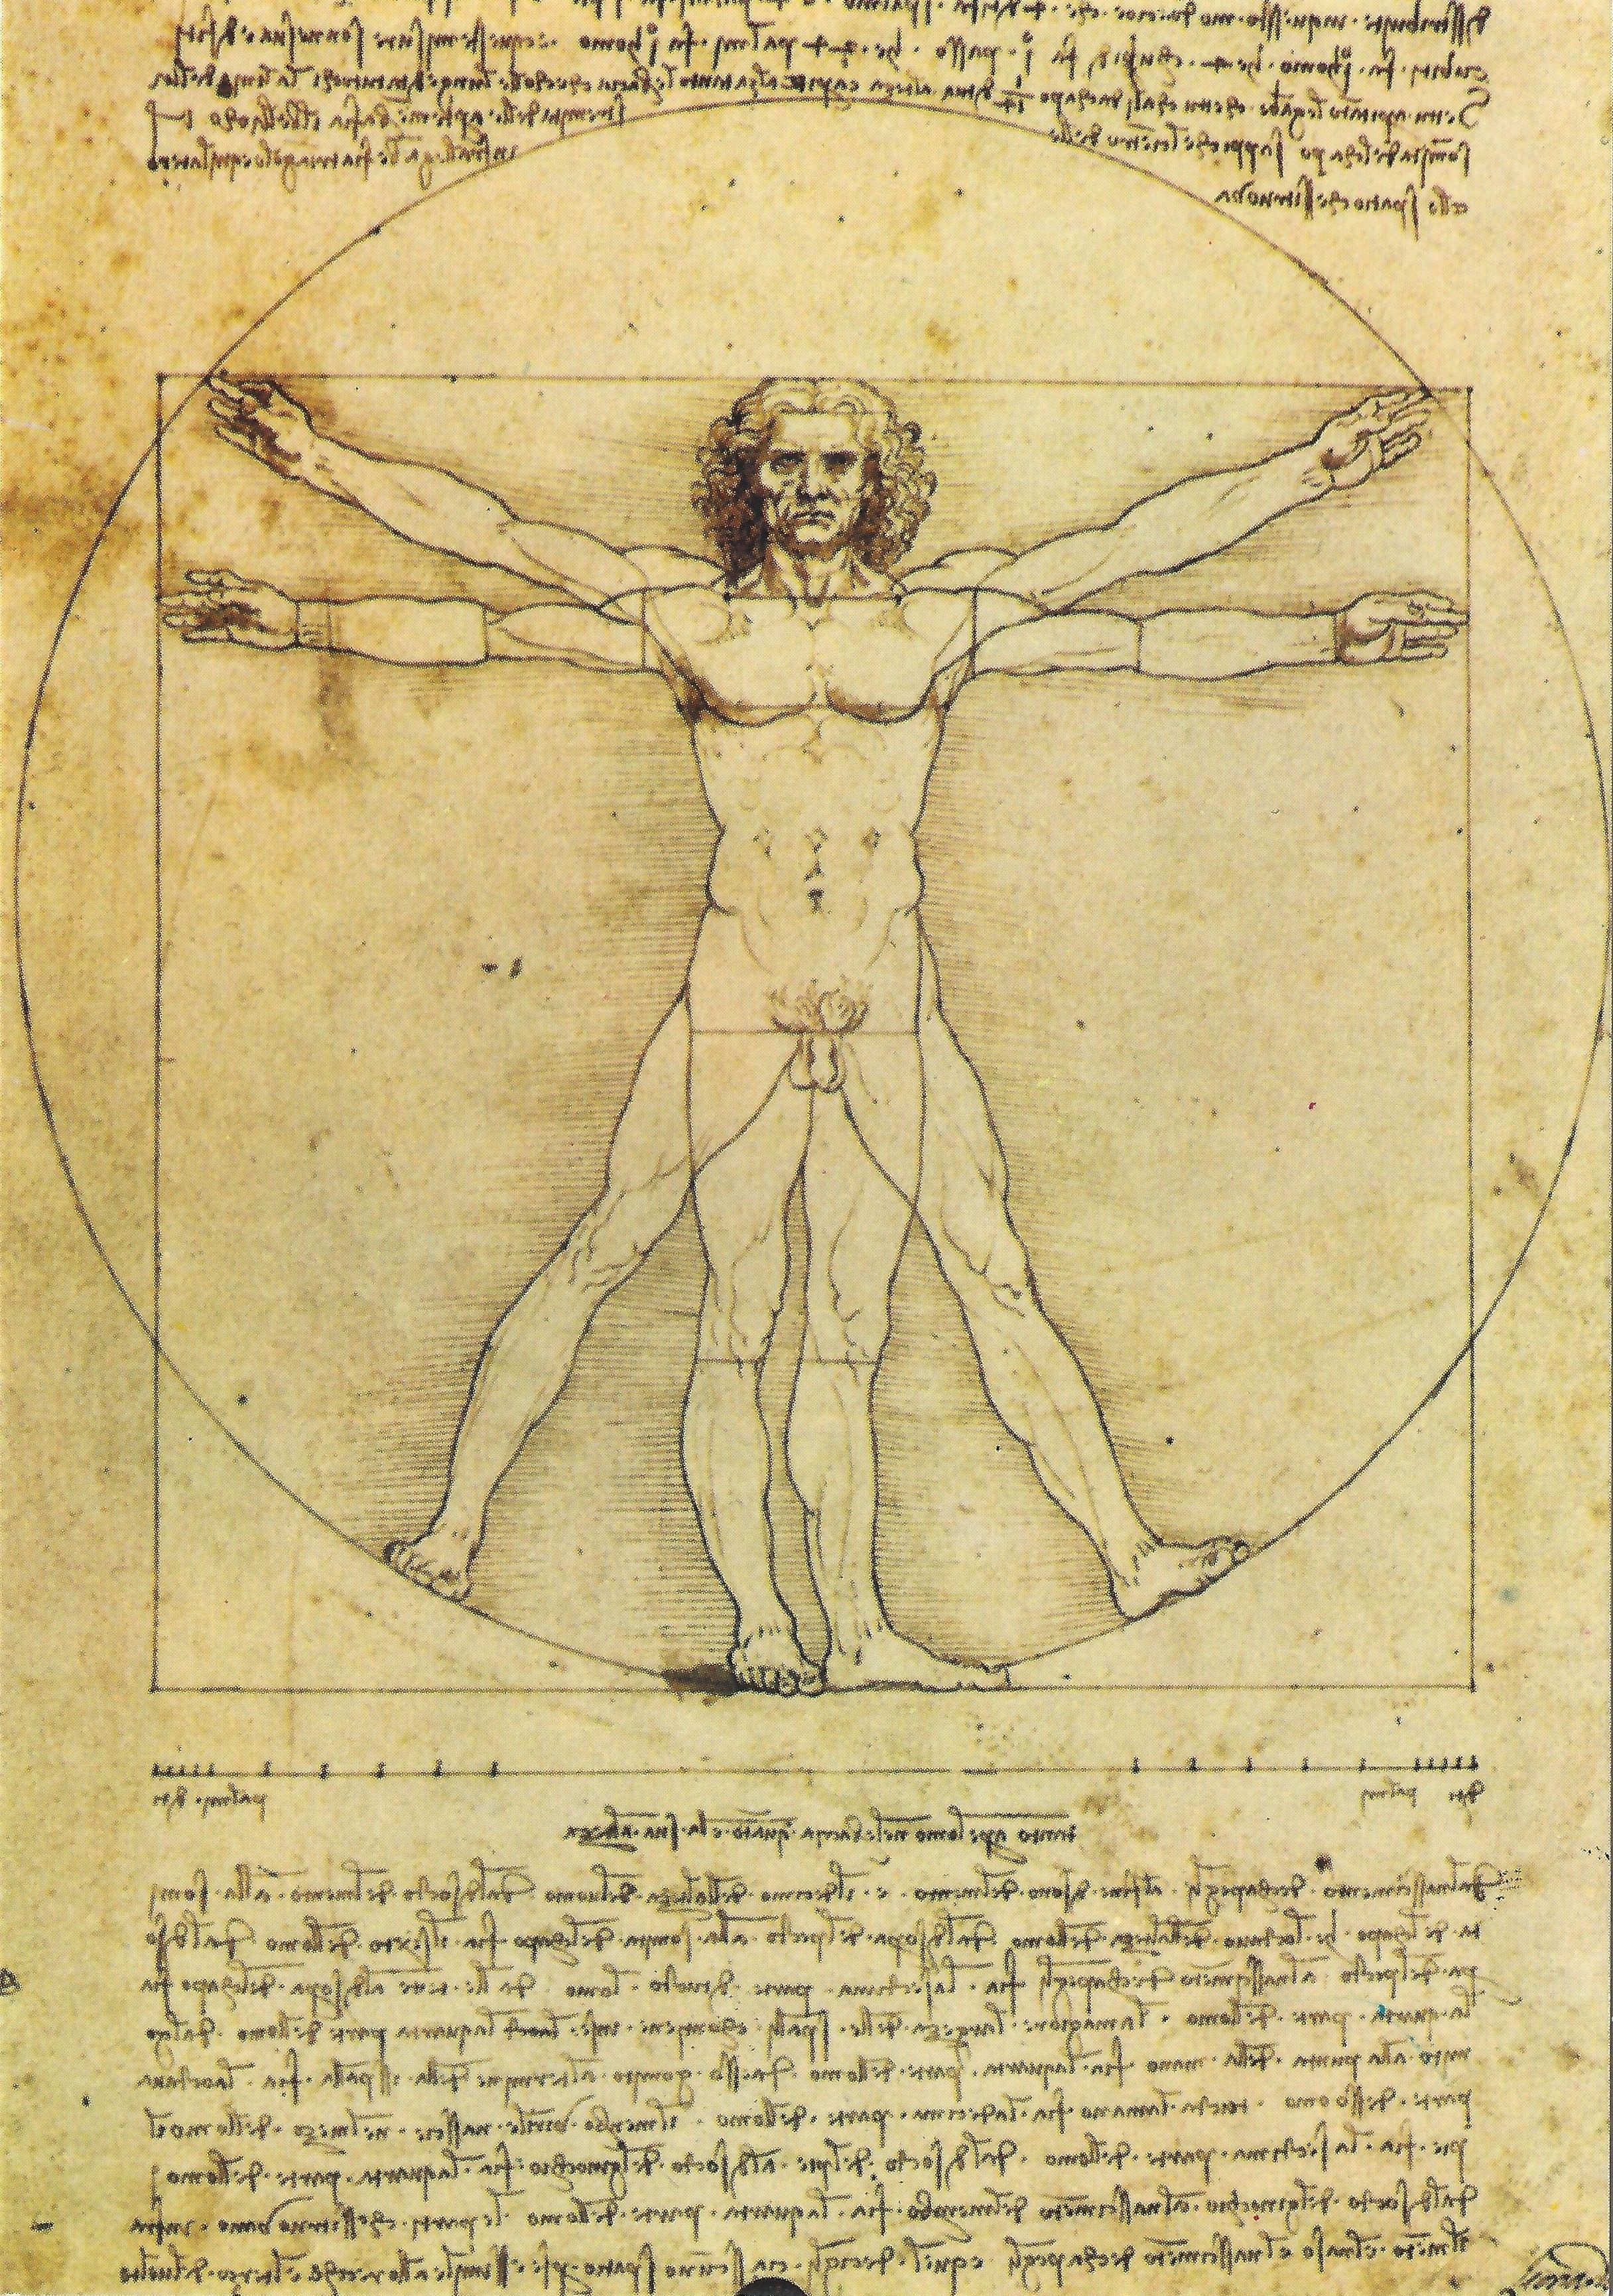 Leonardo Da Vinci: disegno di anatomia umana, secondo proporzioni ideali.